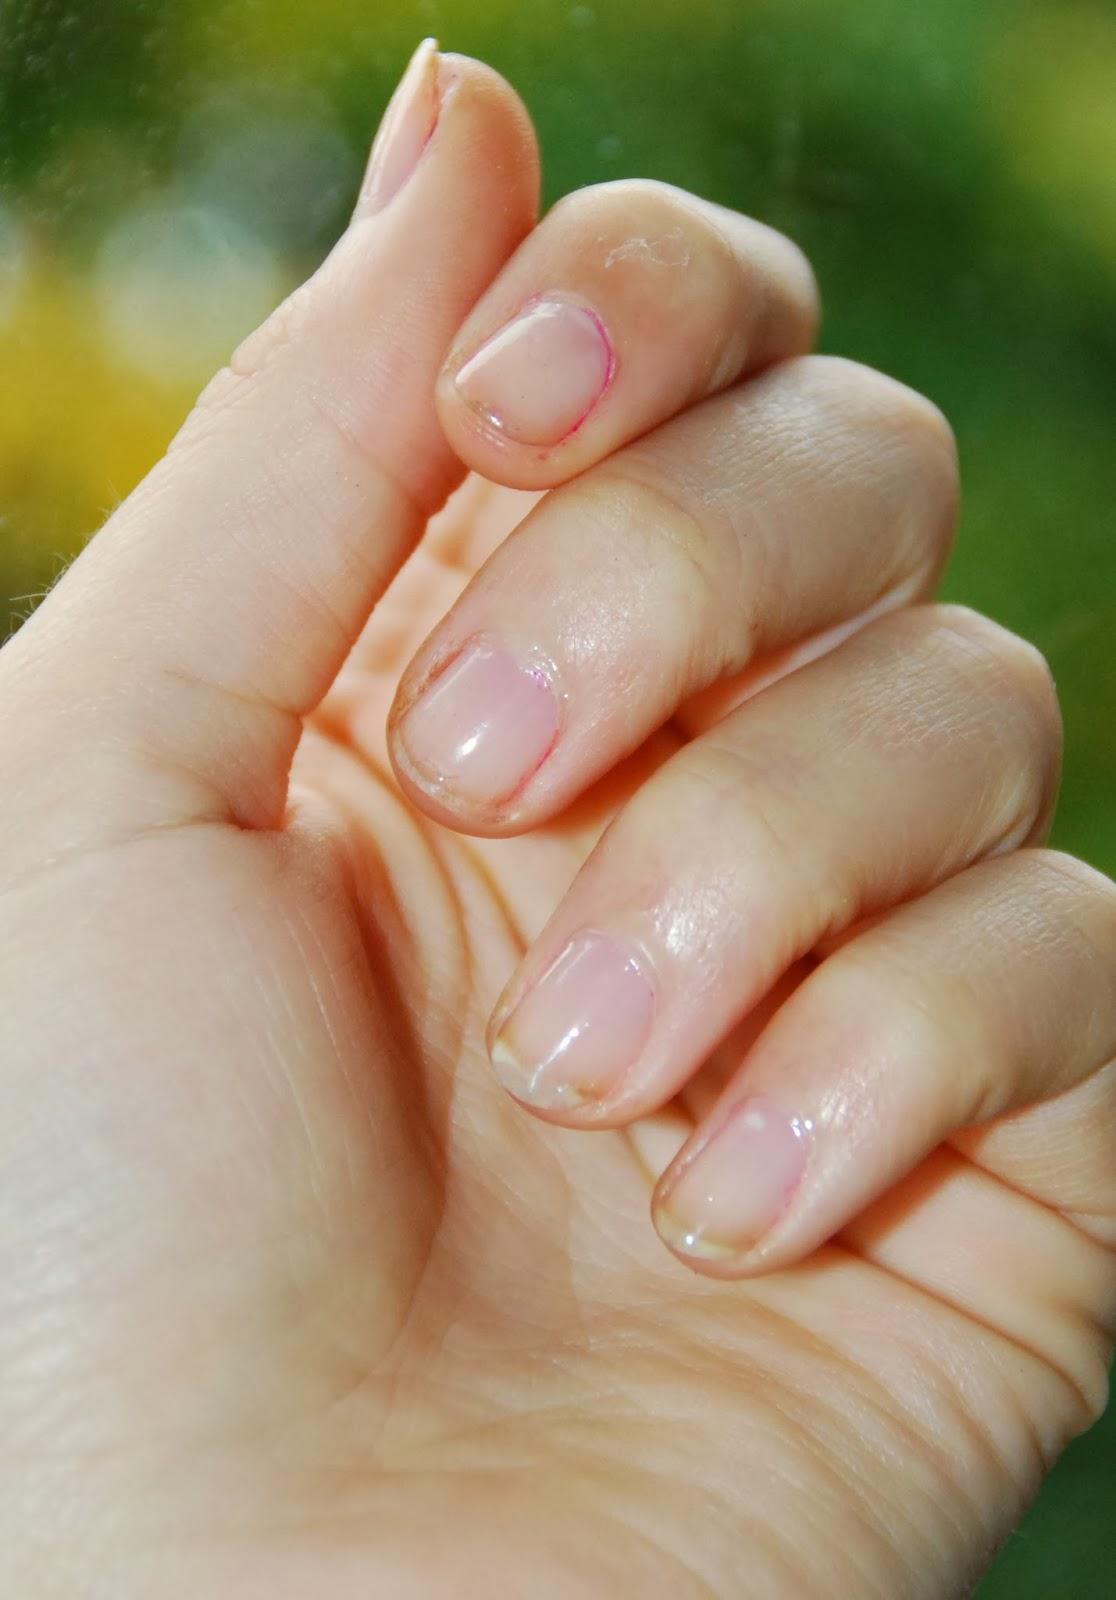 misfarvede negle efter neglelak